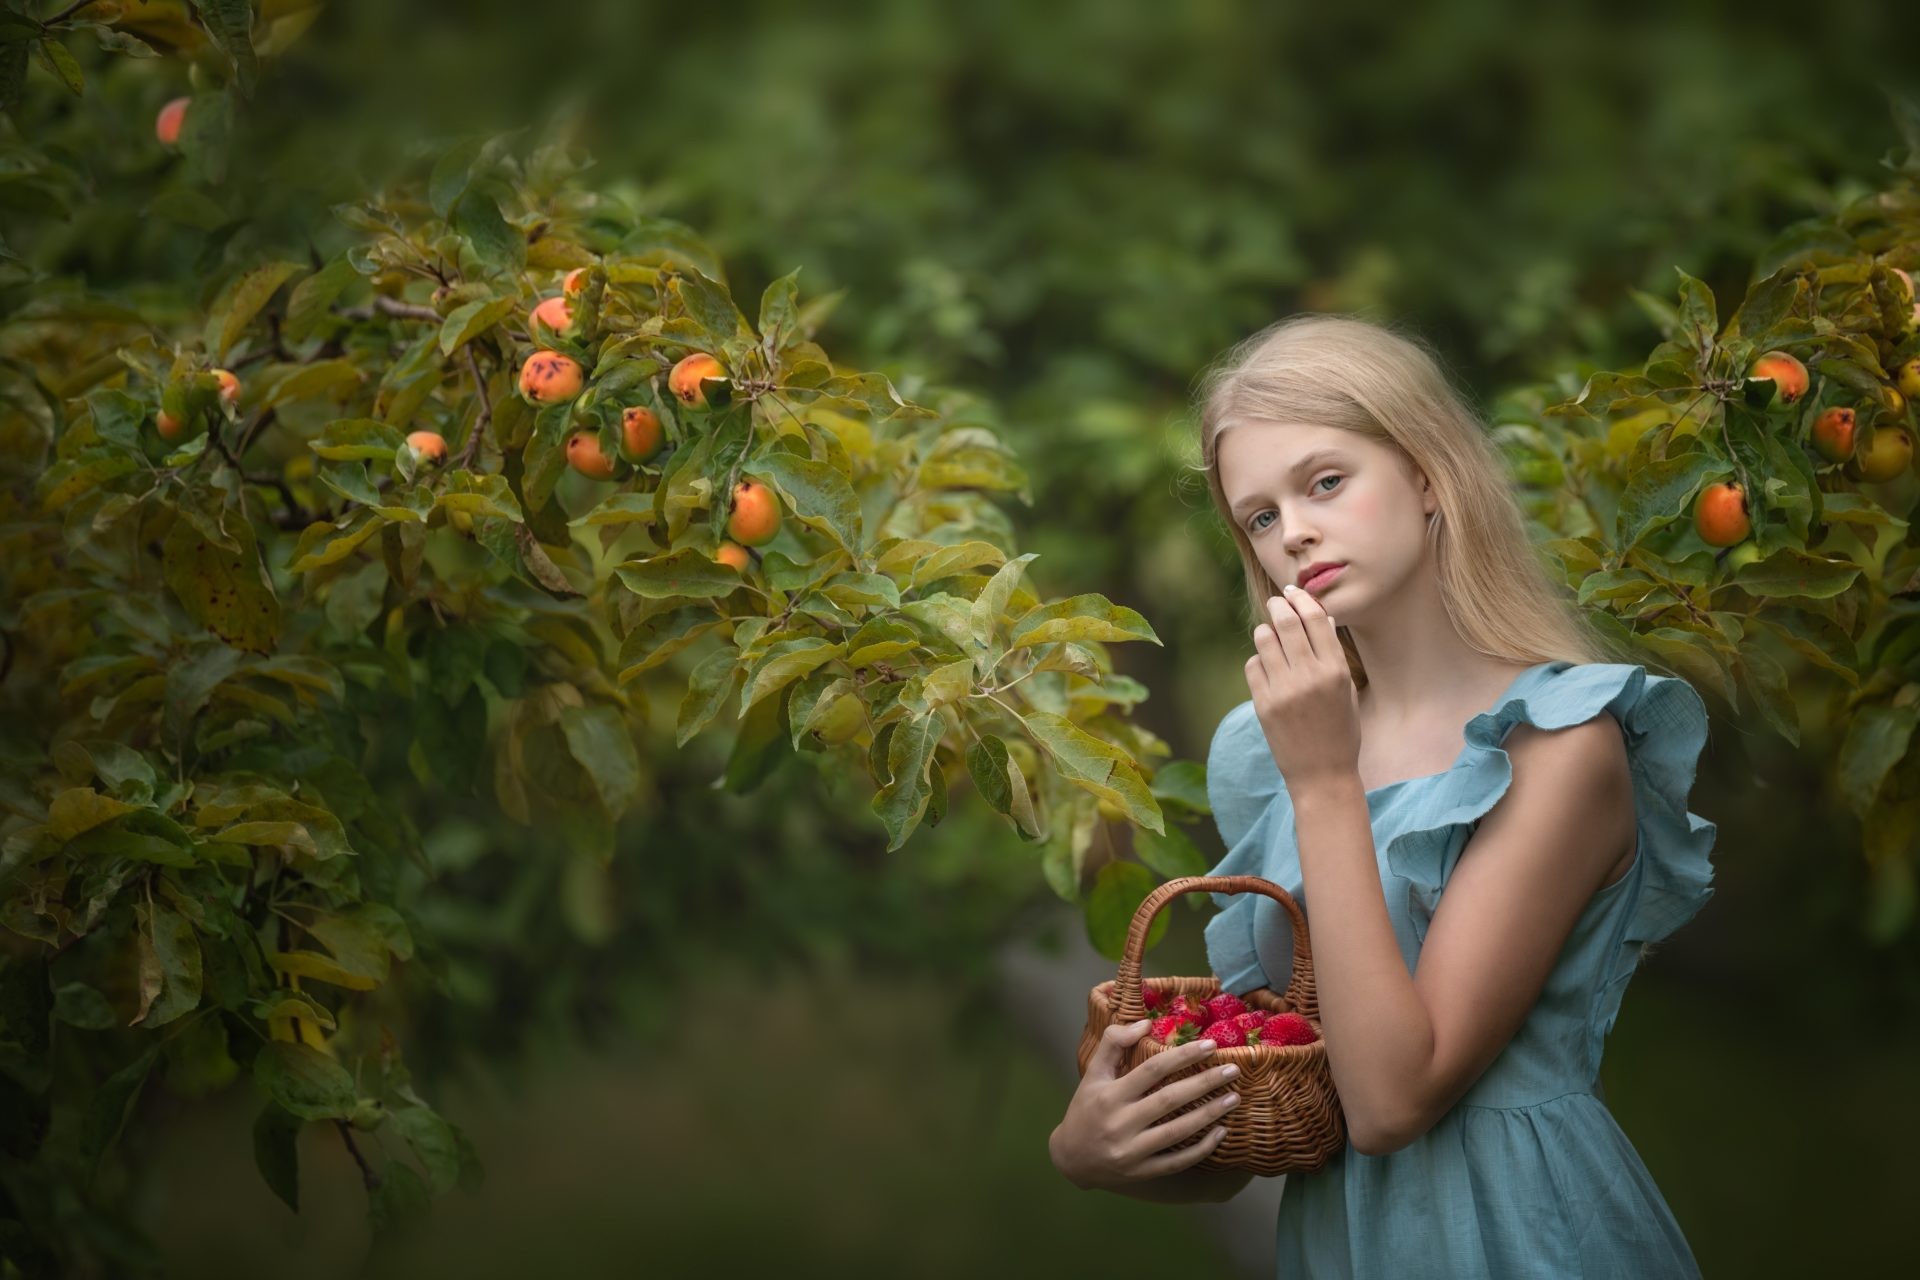 fotografia niños